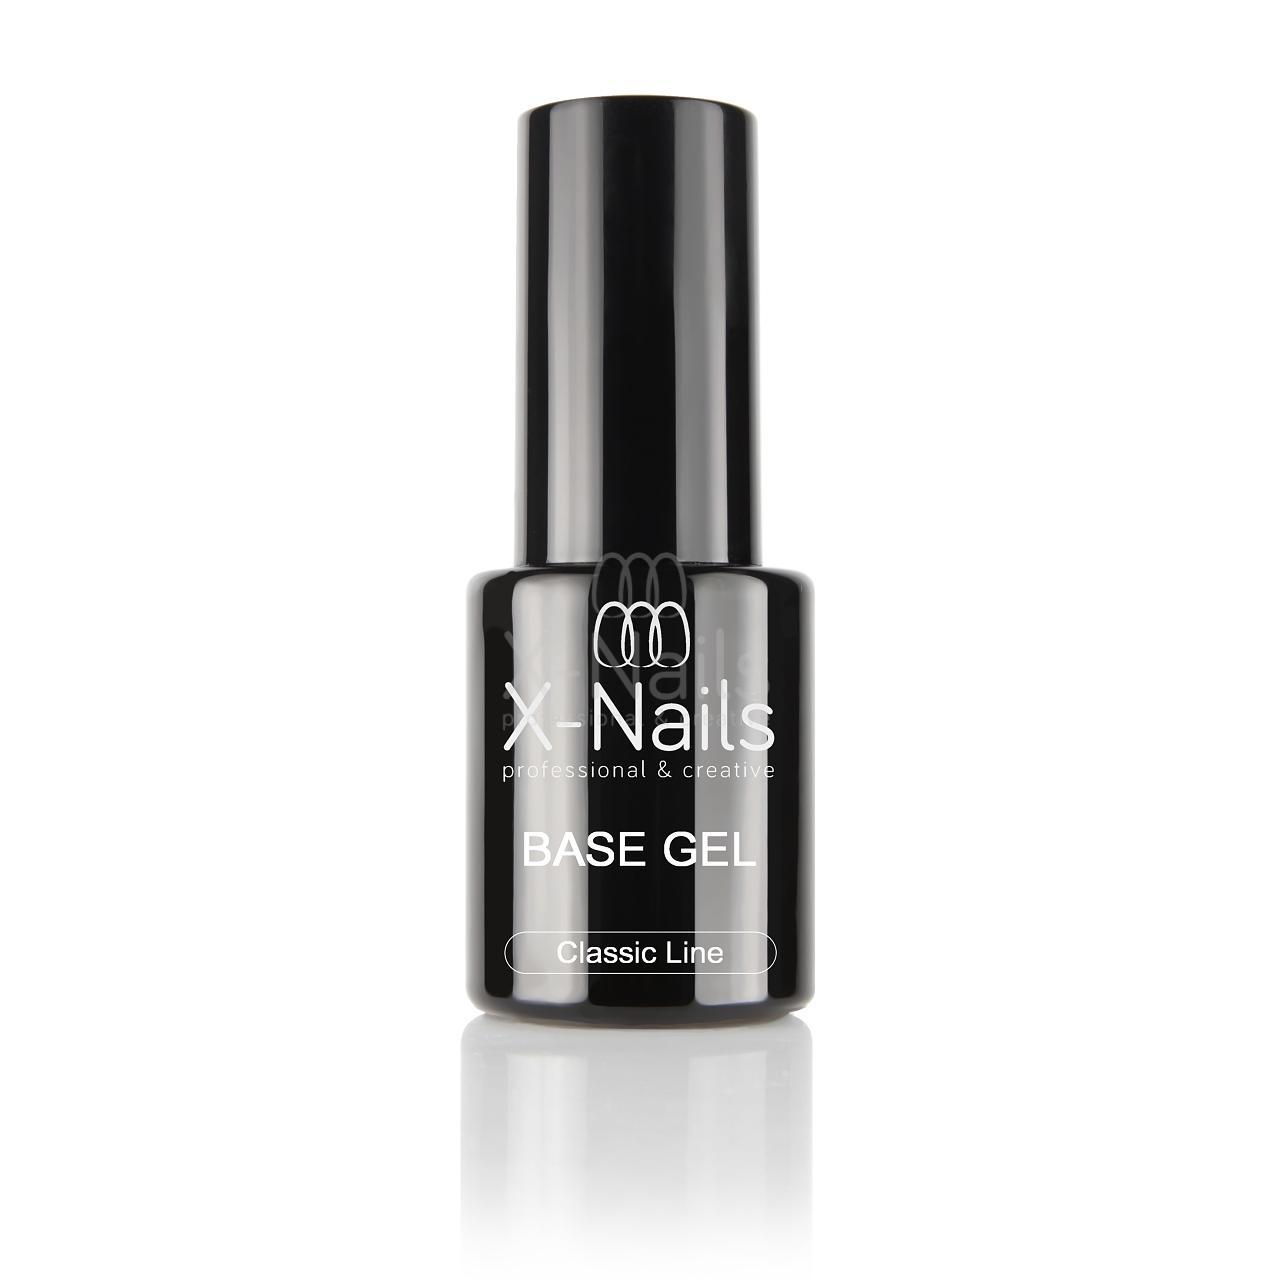 X Nails Uv Podkladovy Gel Pro Problematicke Nehty 10 Ml Base Gel X Nails Gelove Akrylove Nehty